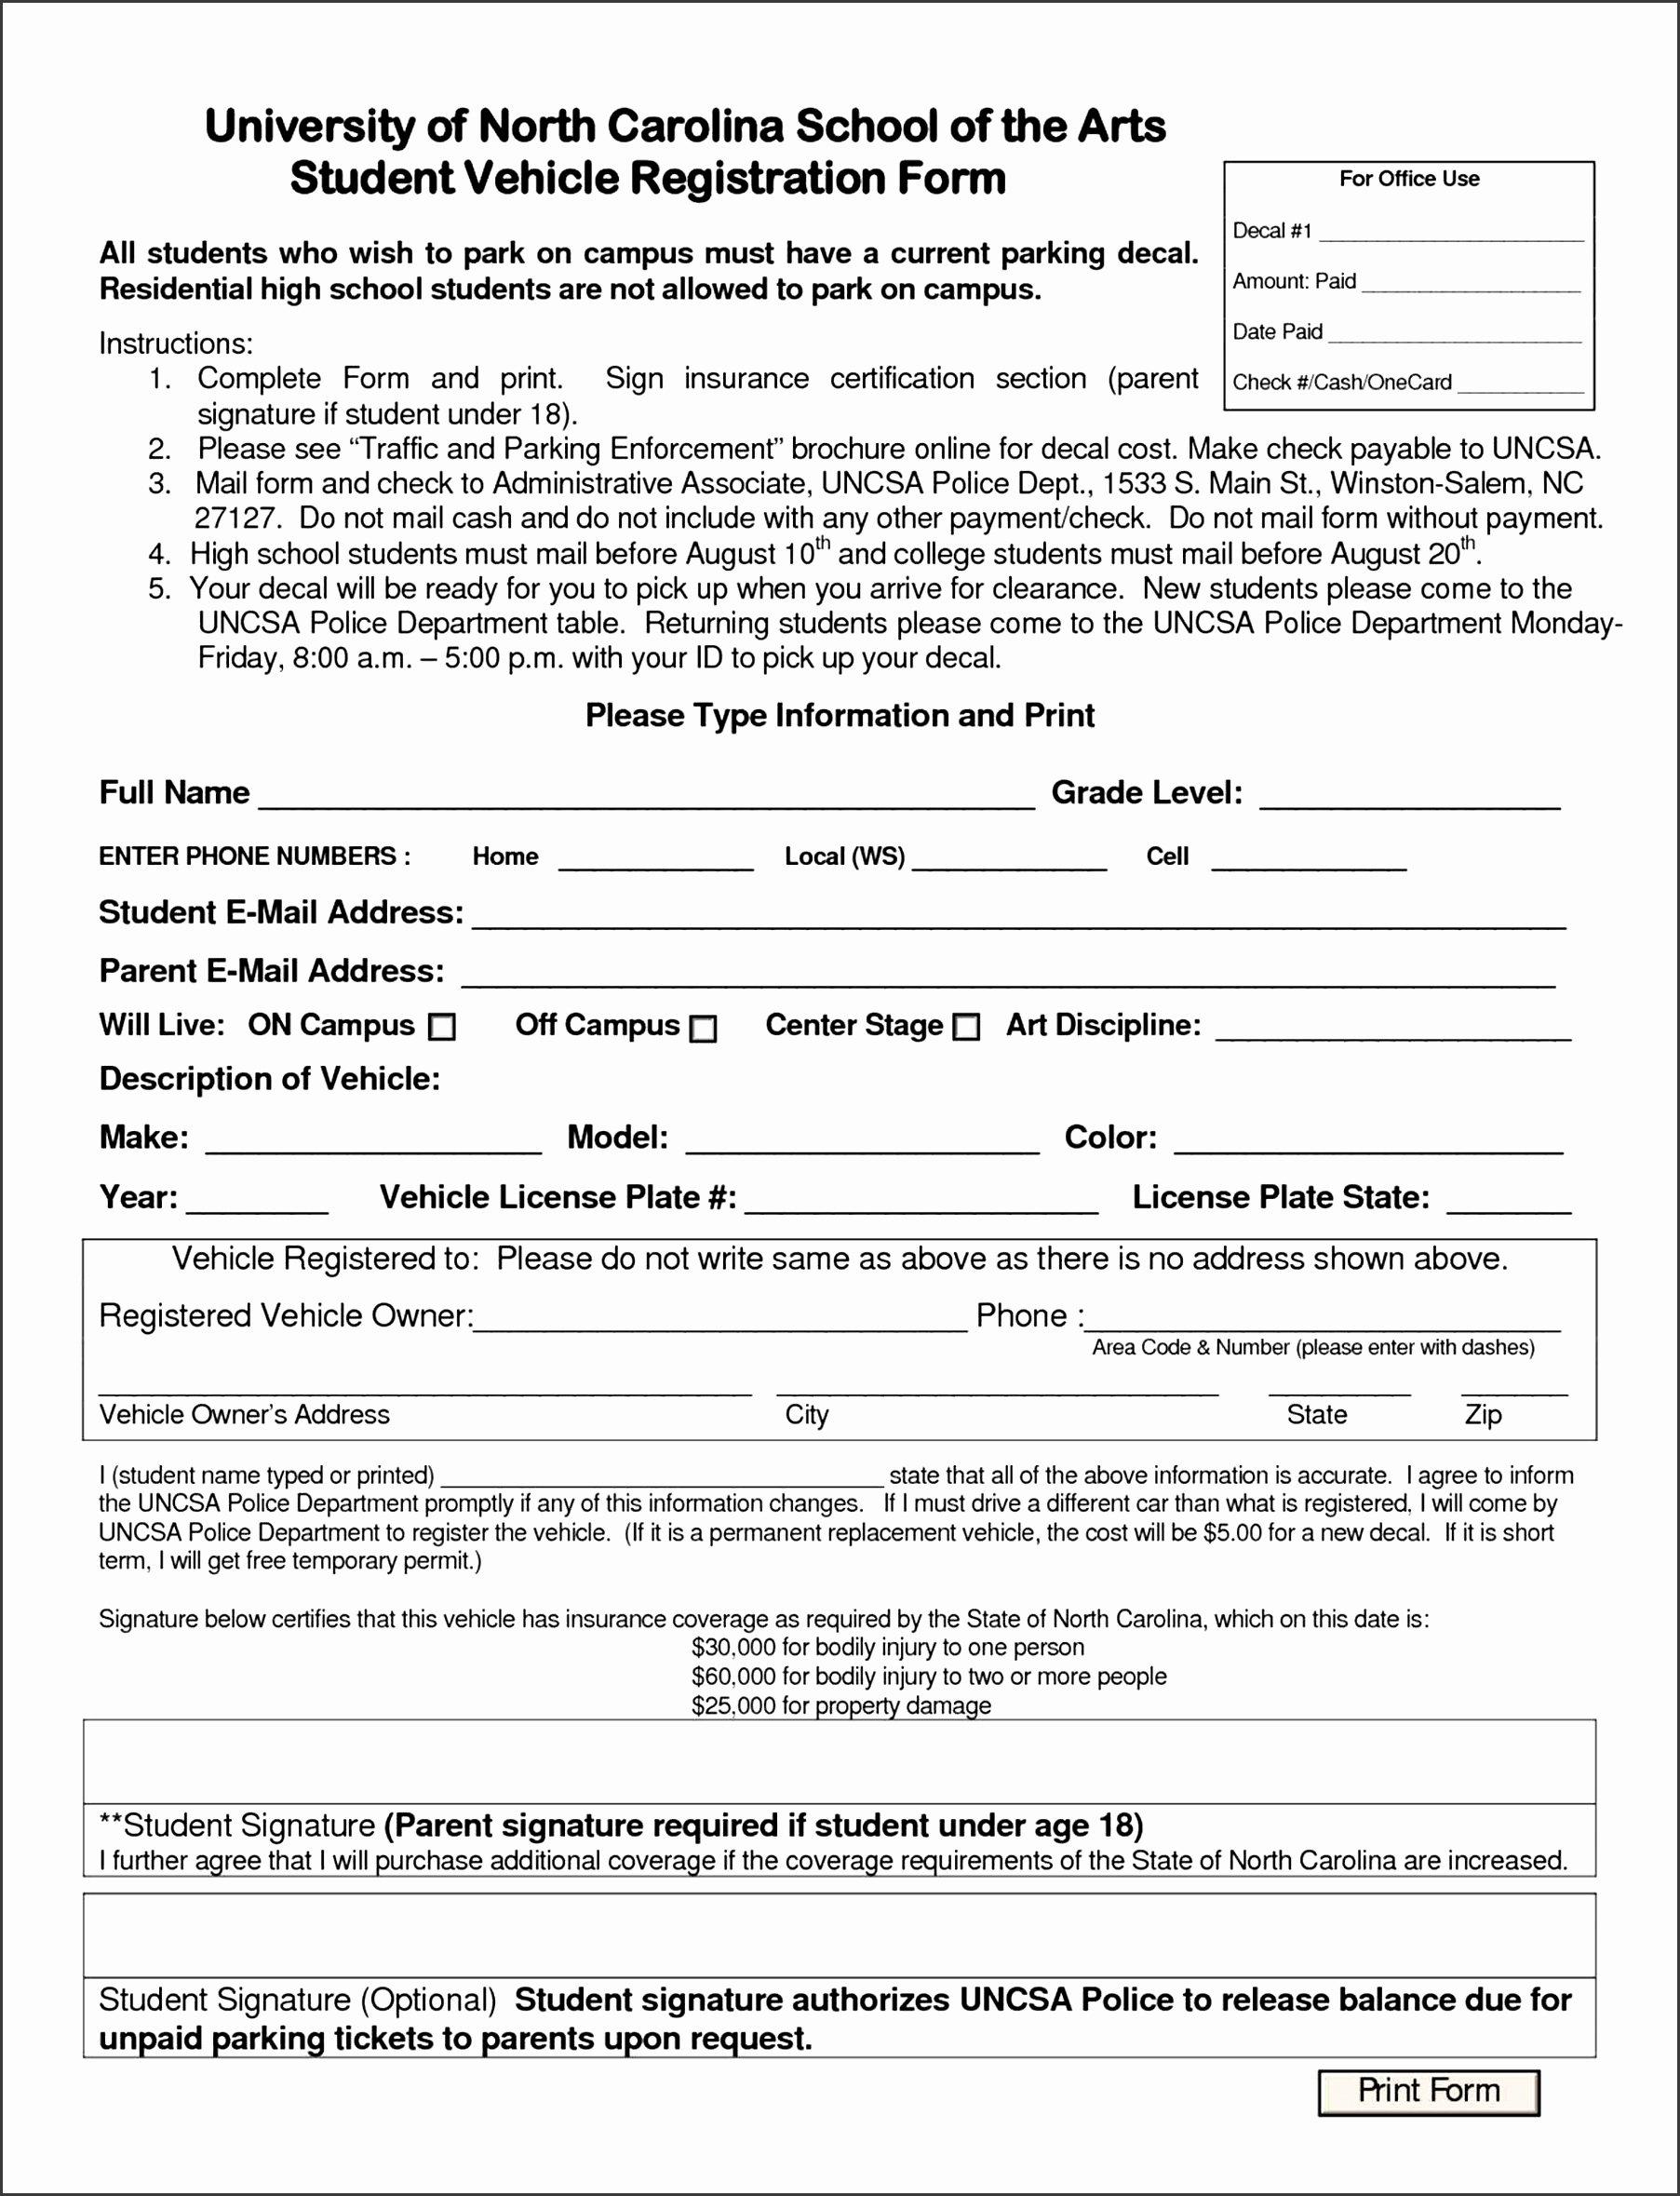 Summer Camp Registration form Template Inspirational 6 Registration Template for Summer Camp Sampletemplatess